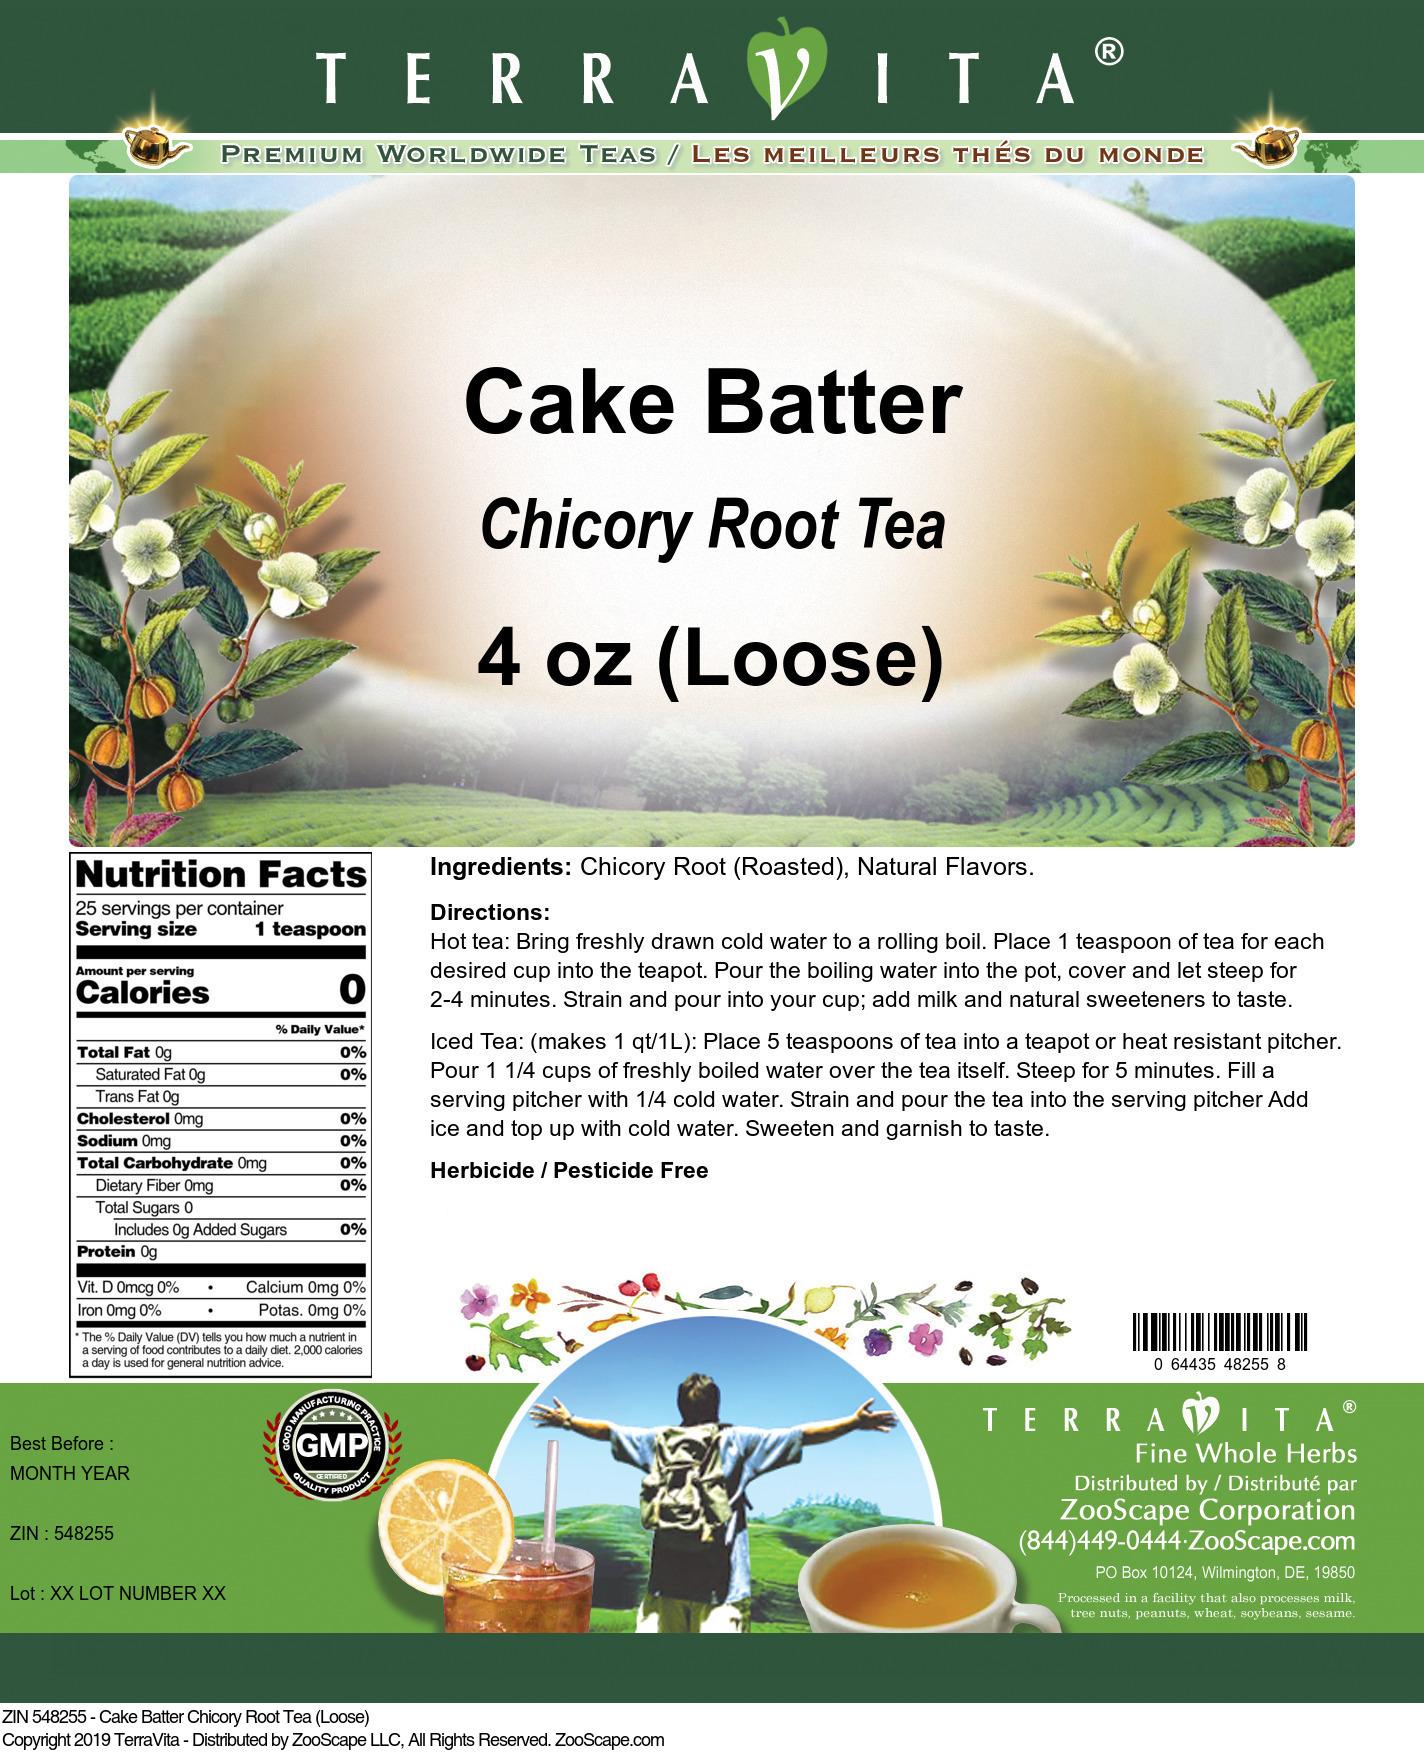 Cake Batter Chicory Root